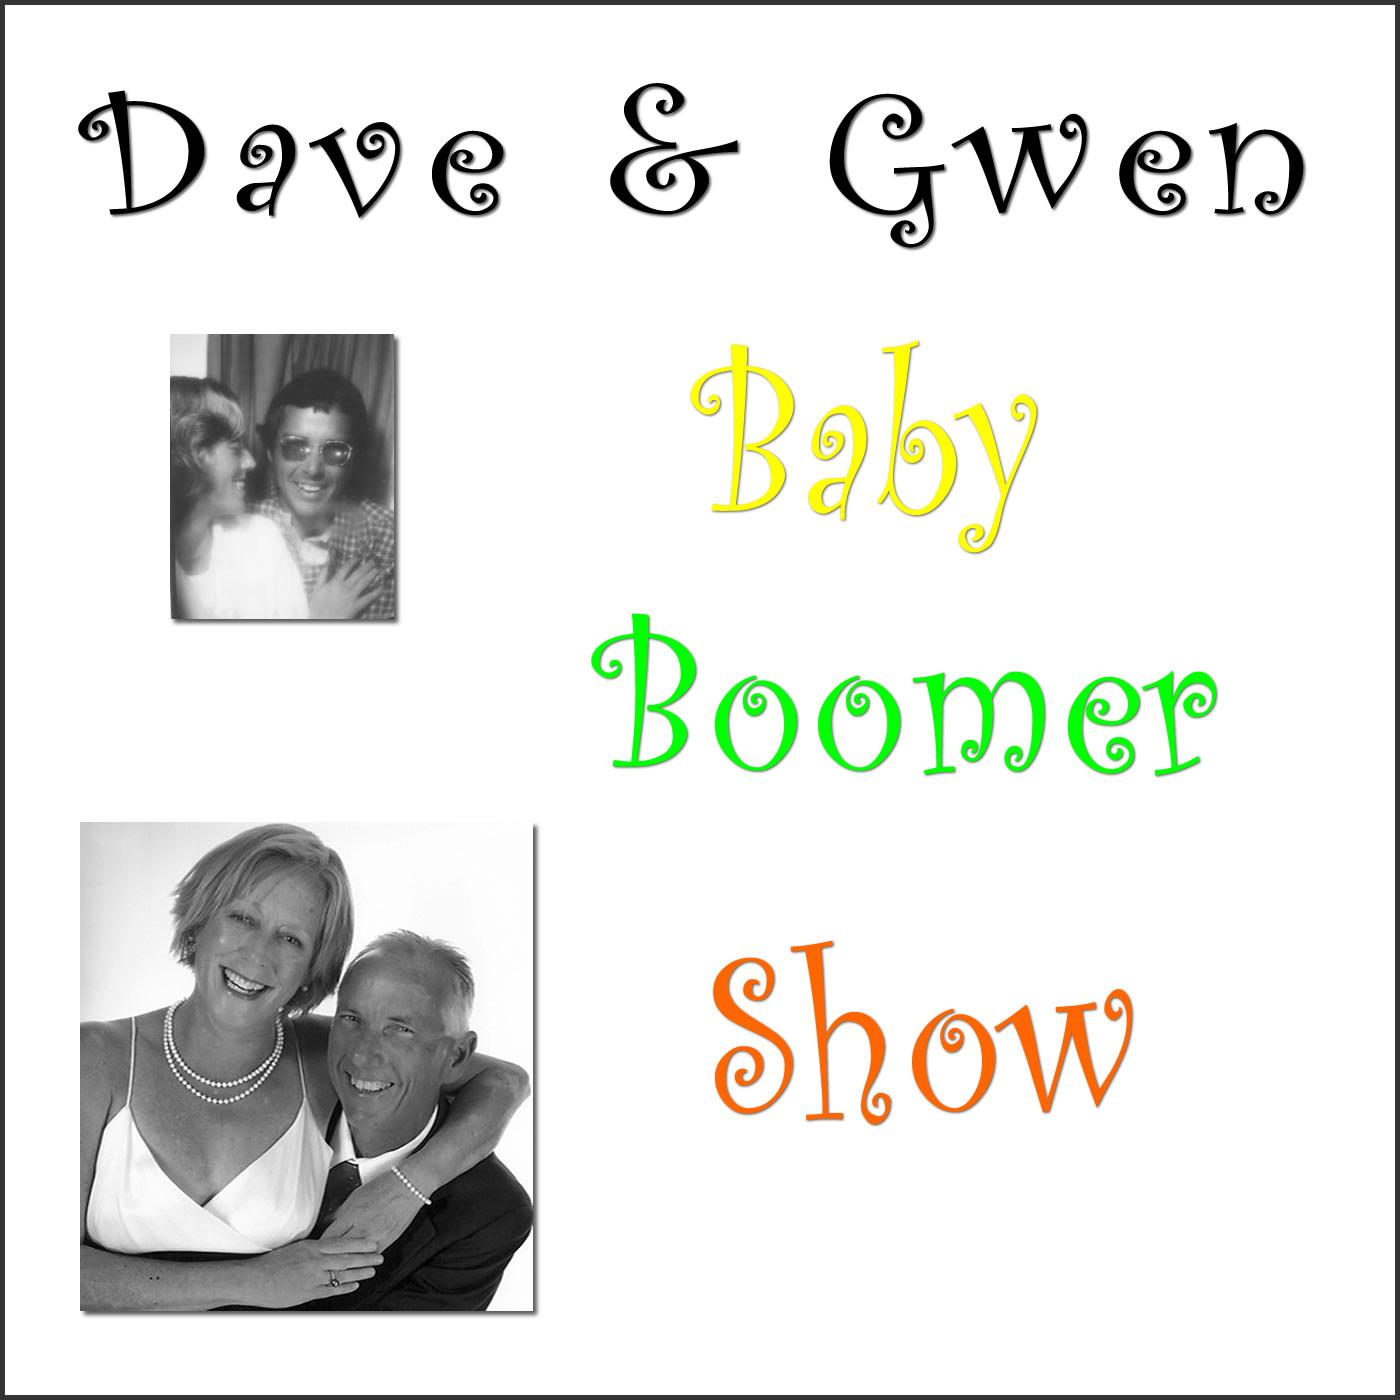 Dave & Gwen's Baby Boomer Show